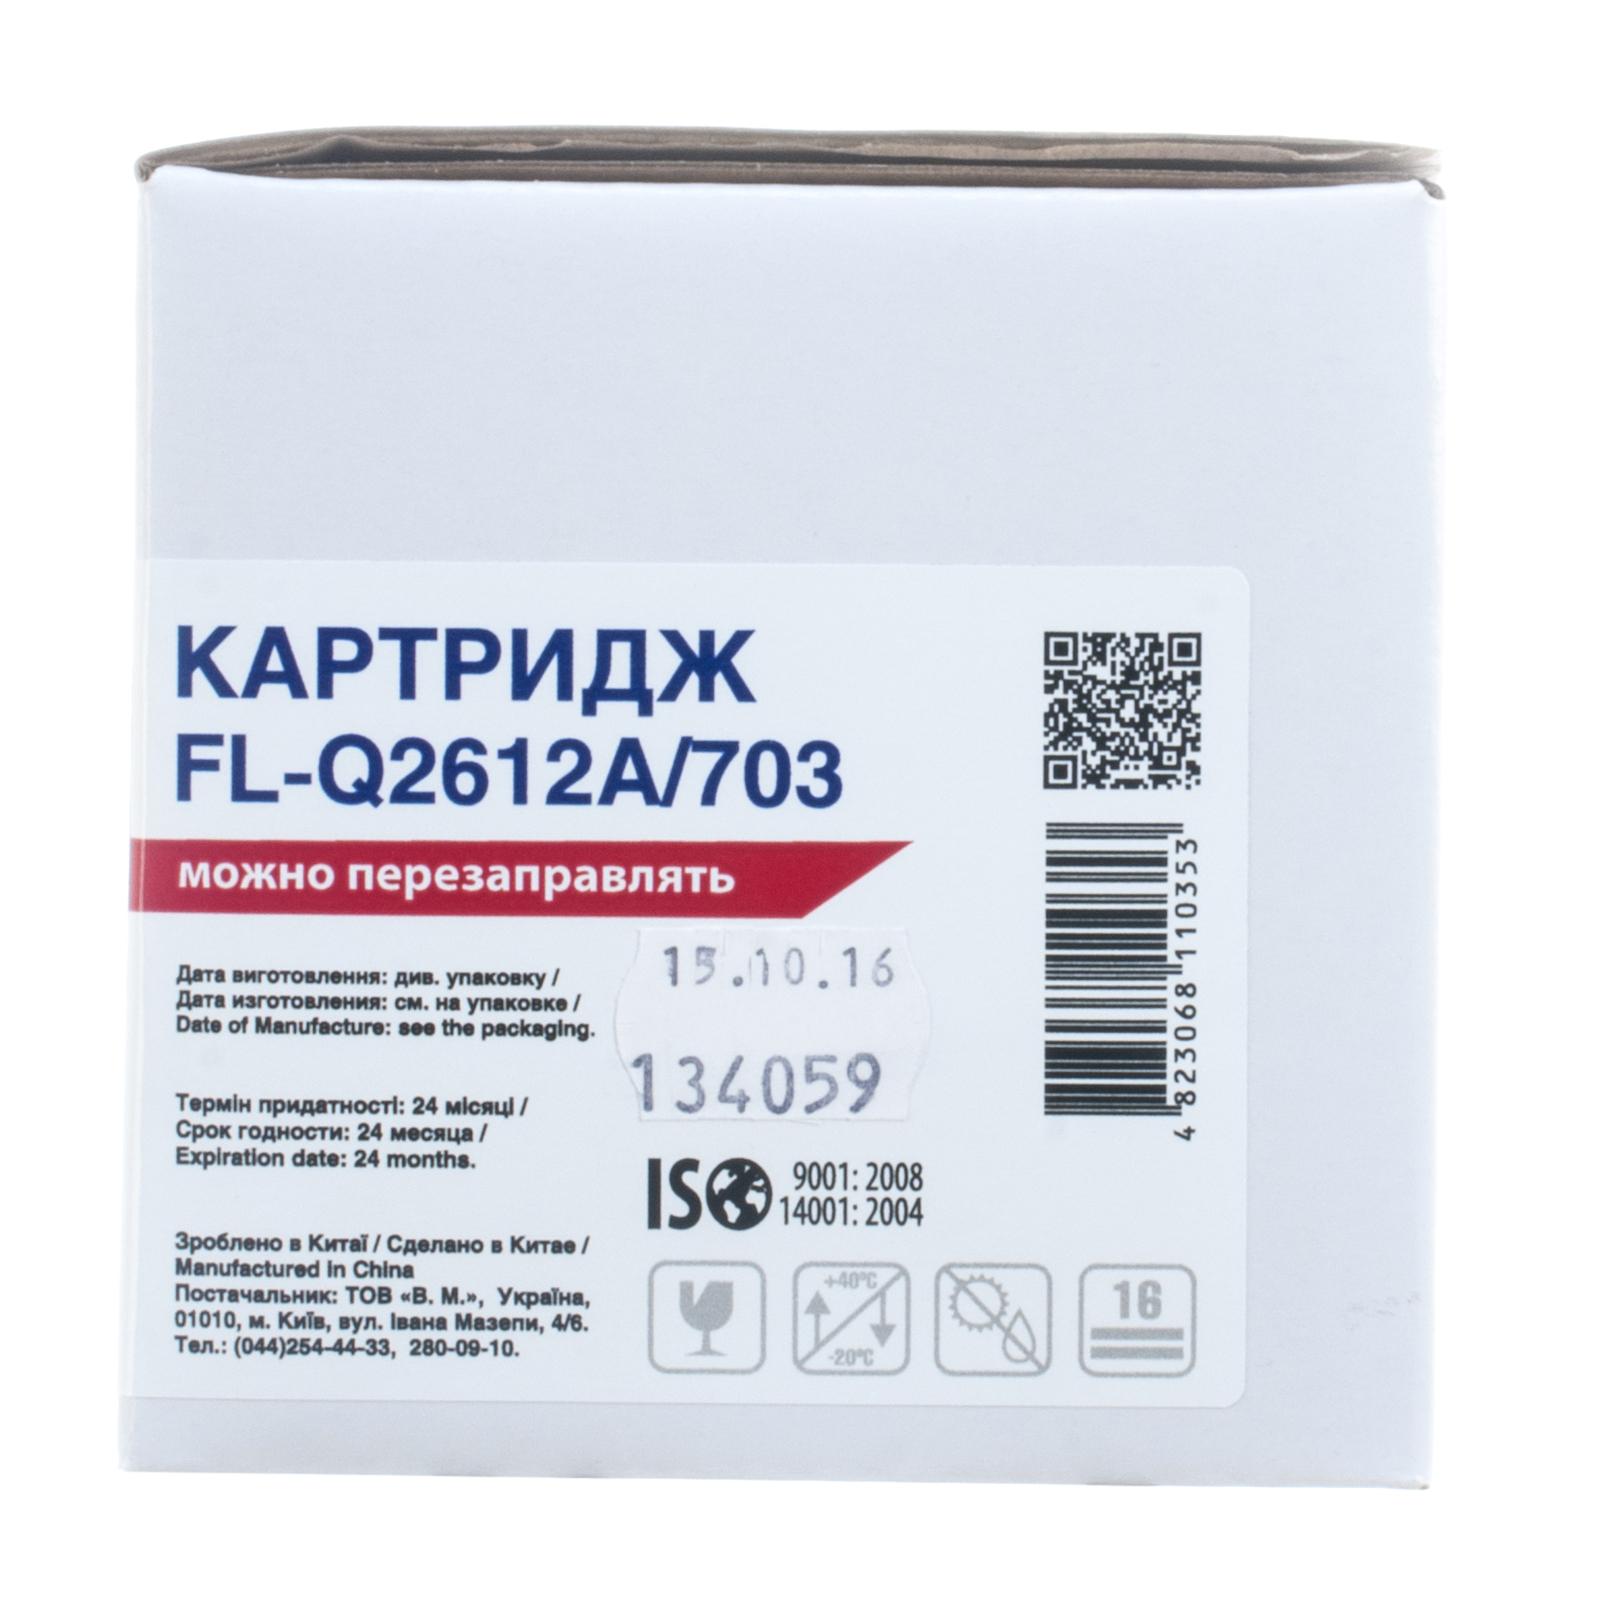 Картридж FREE Label HP LJ Q2612A/CANON 703 (FL-Q2612A/703) изображение 3